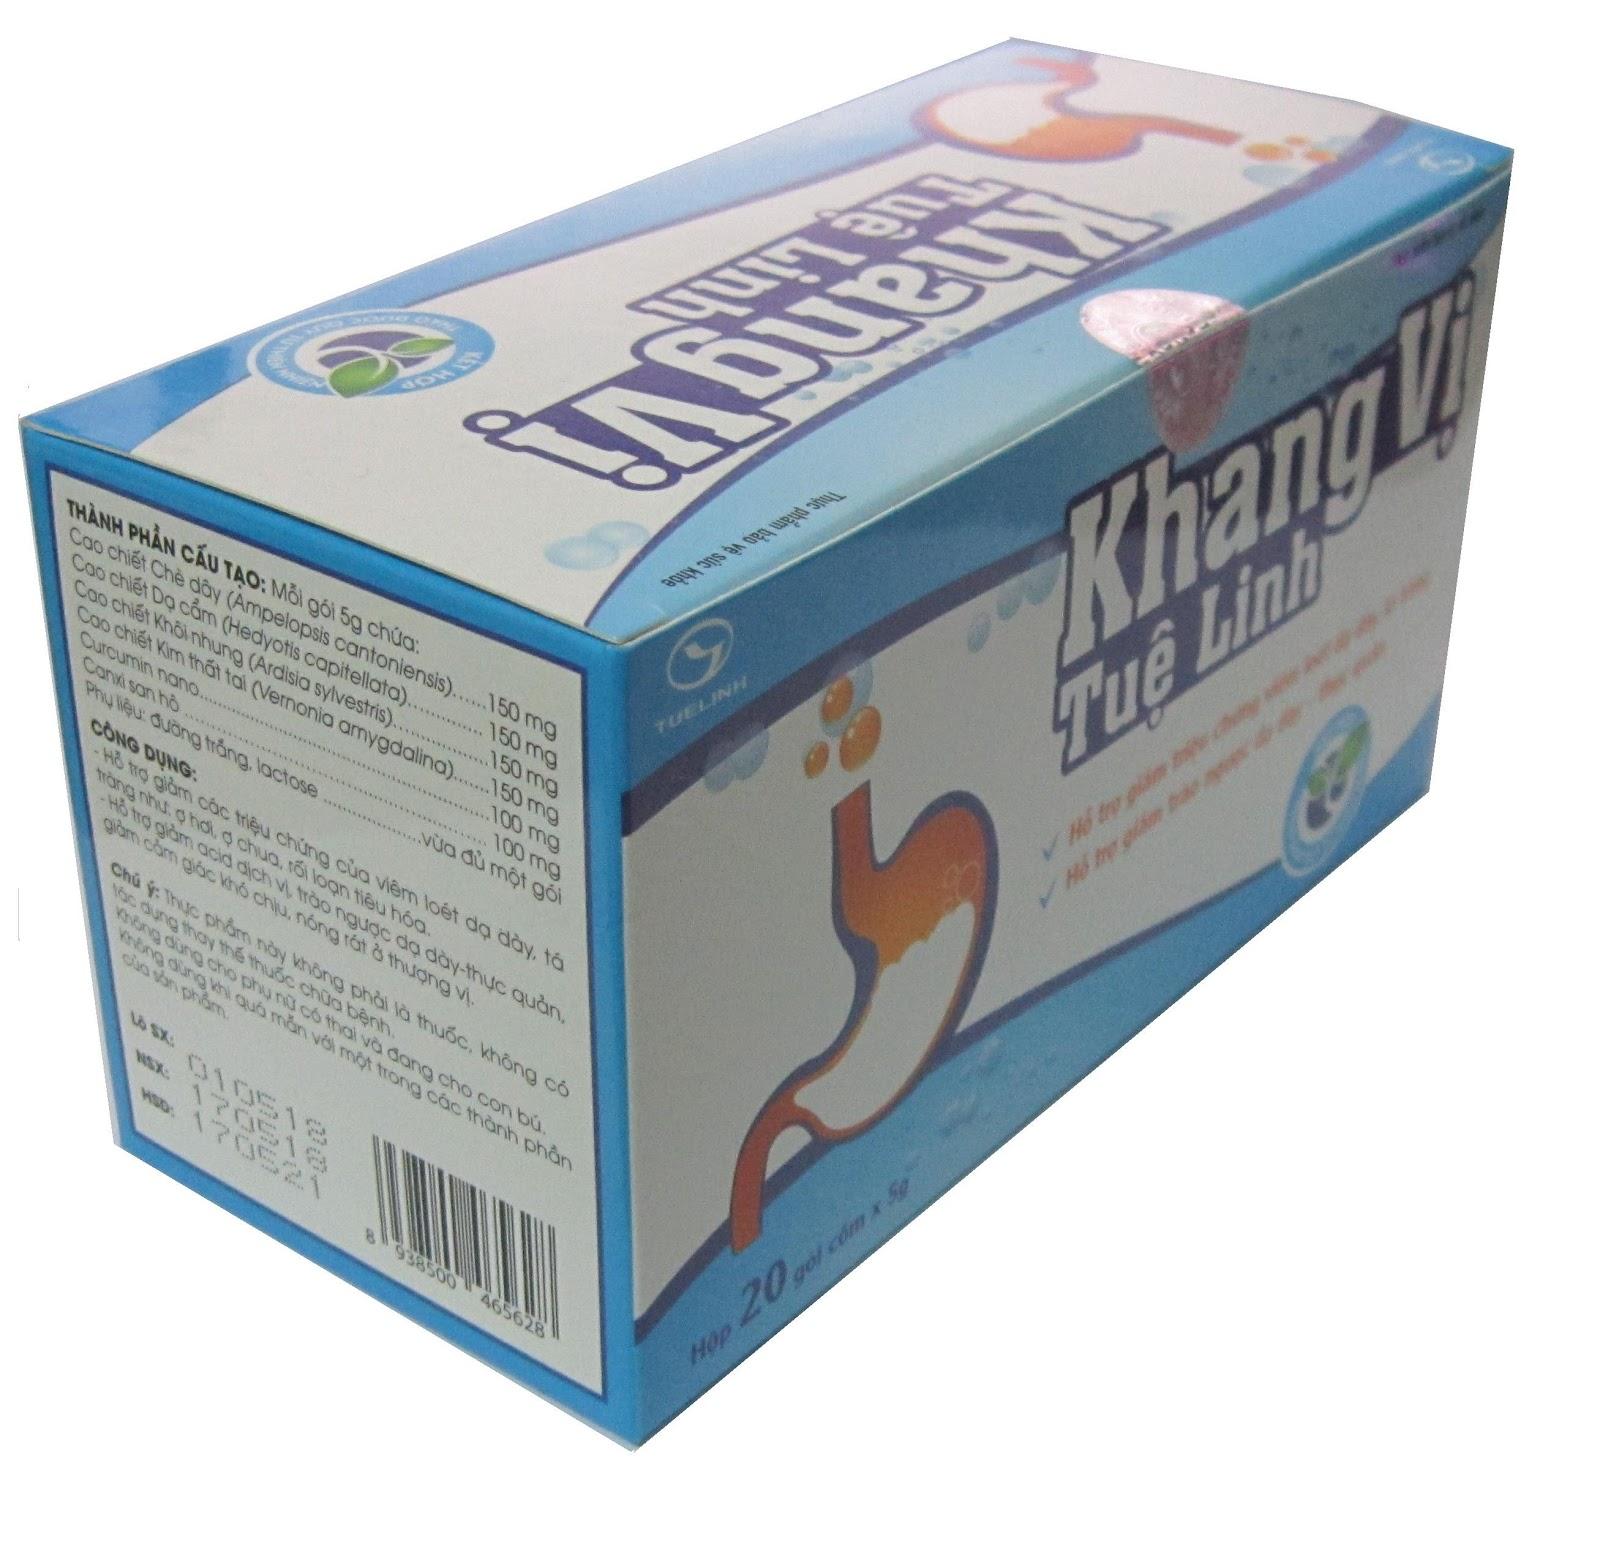 Khang Vị TUỆ LINH - Giảm viêm loét, trào ngược dạ dày (Hộp 20 gói ...